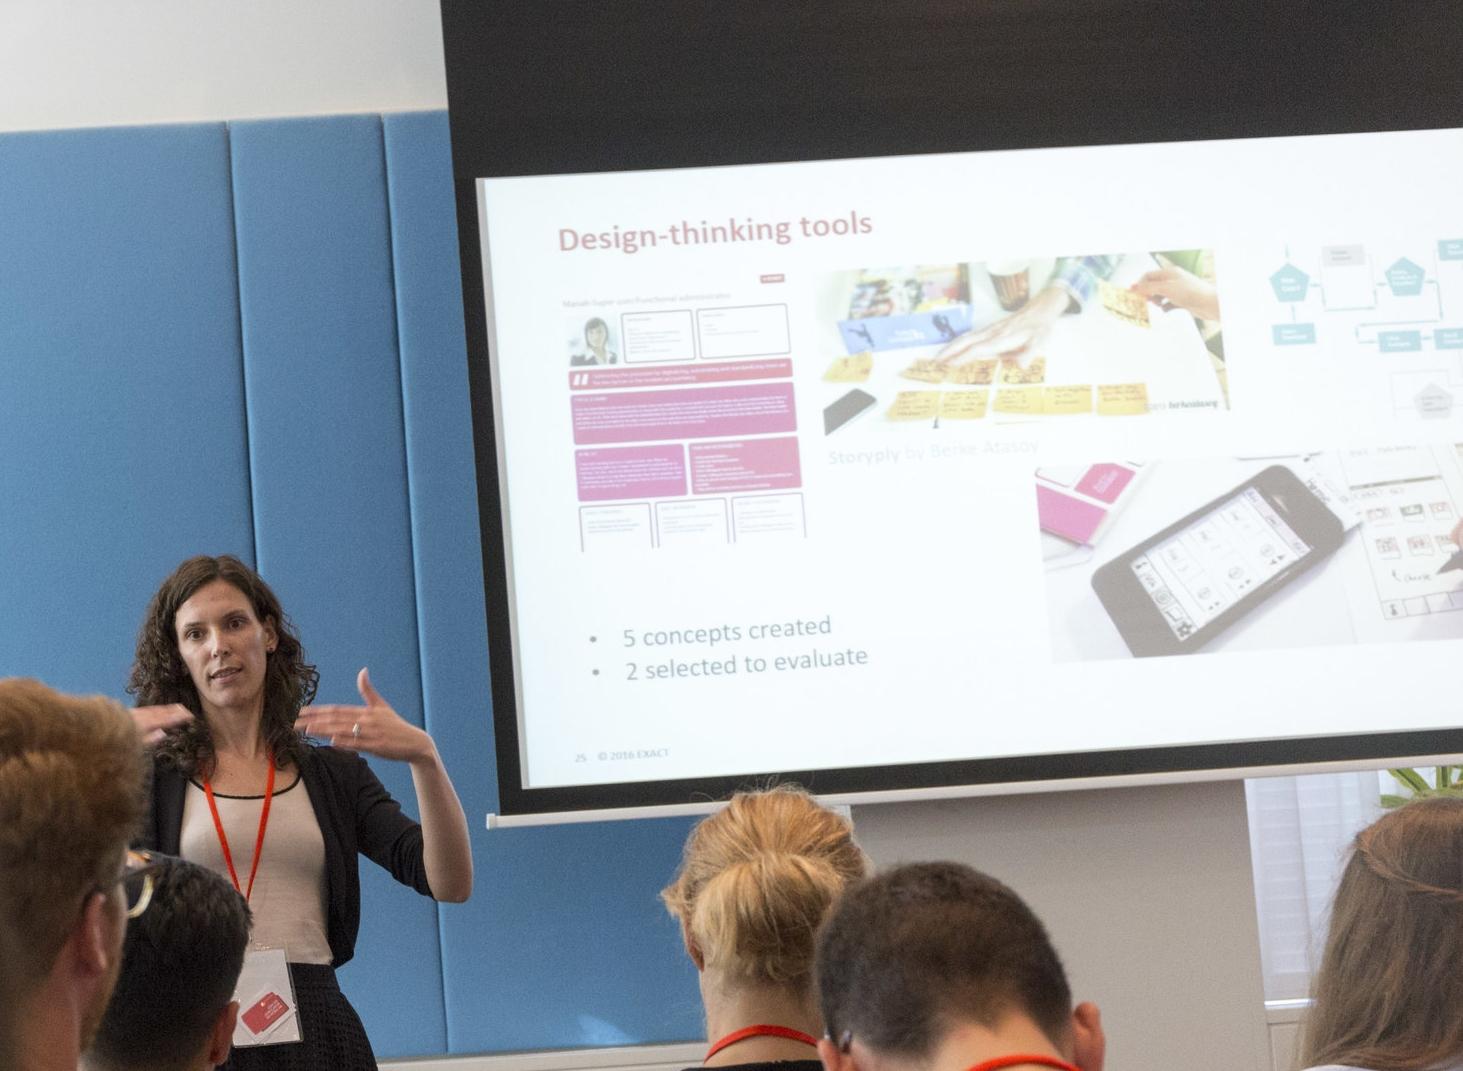 Carina Palumbo presenting at UXcampAMS16